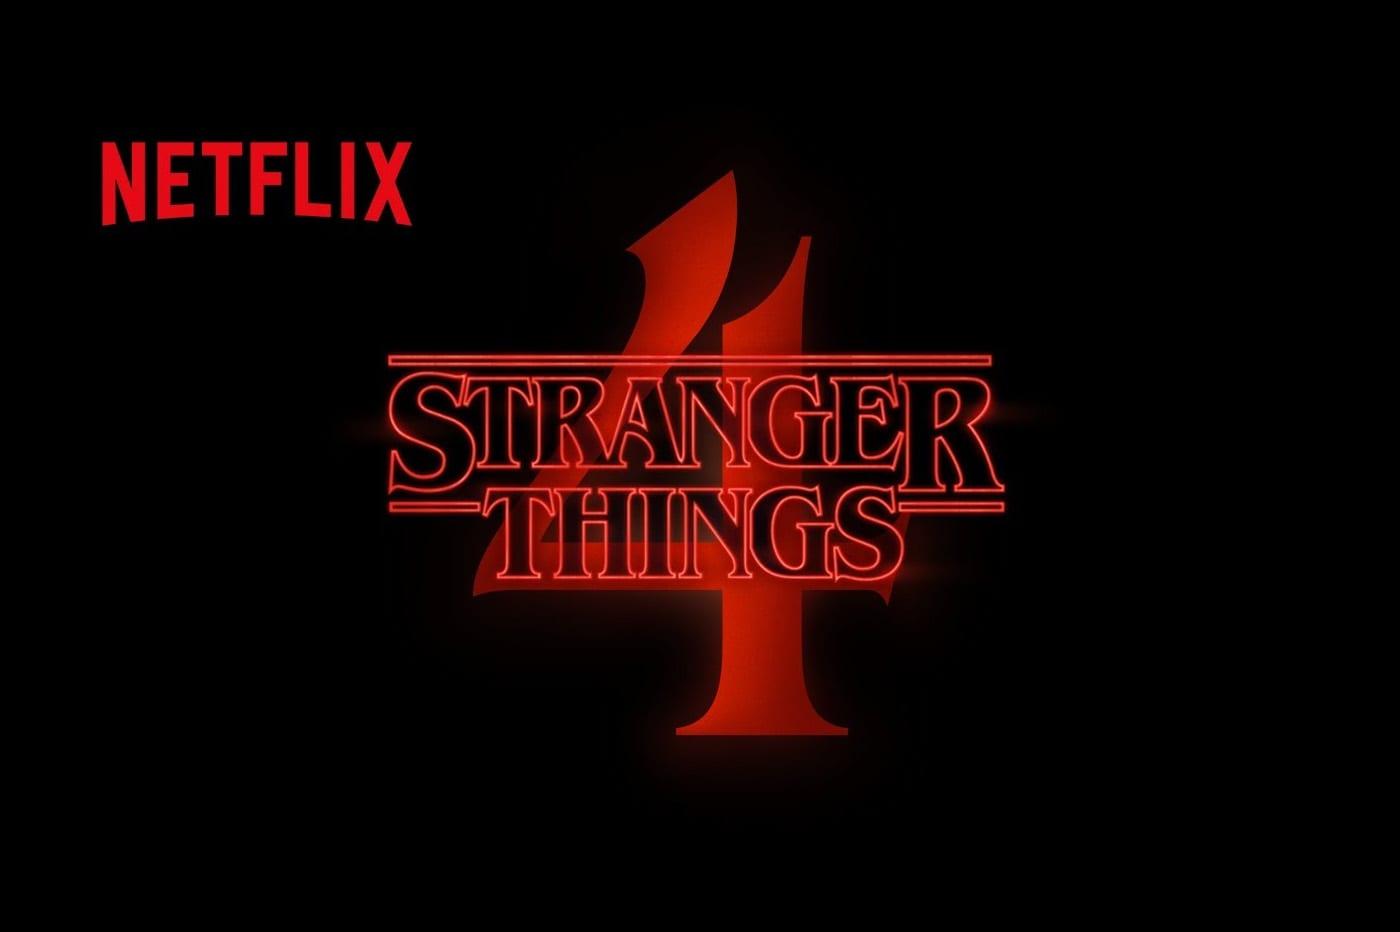 TOUT CE QUE L'ON SAIT DÉJÀ SUR LA SAISON 4, La série Stranger Things